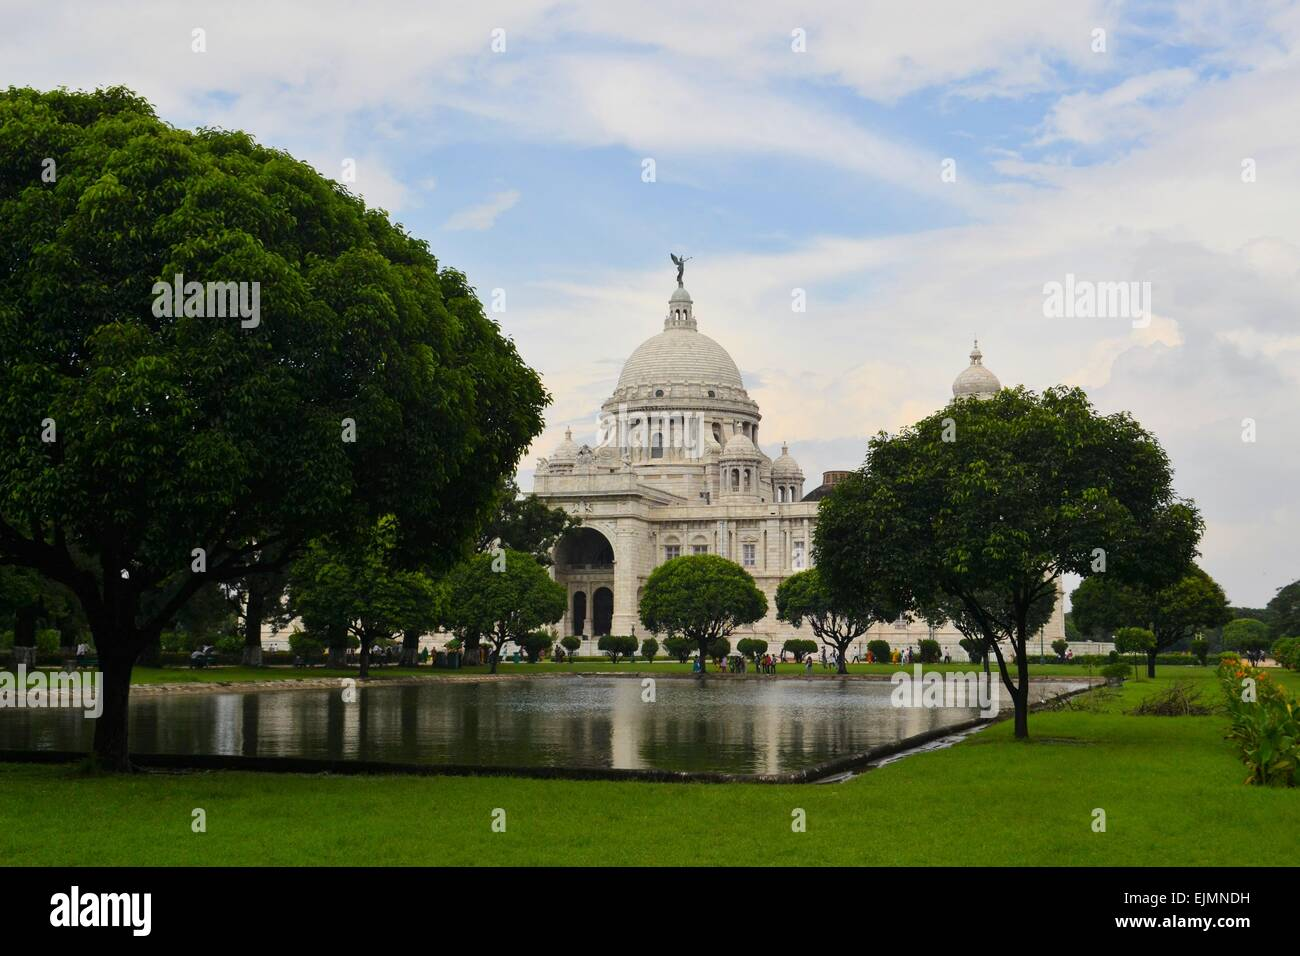 Victoria Memorial in Kolkata India - Stock Image